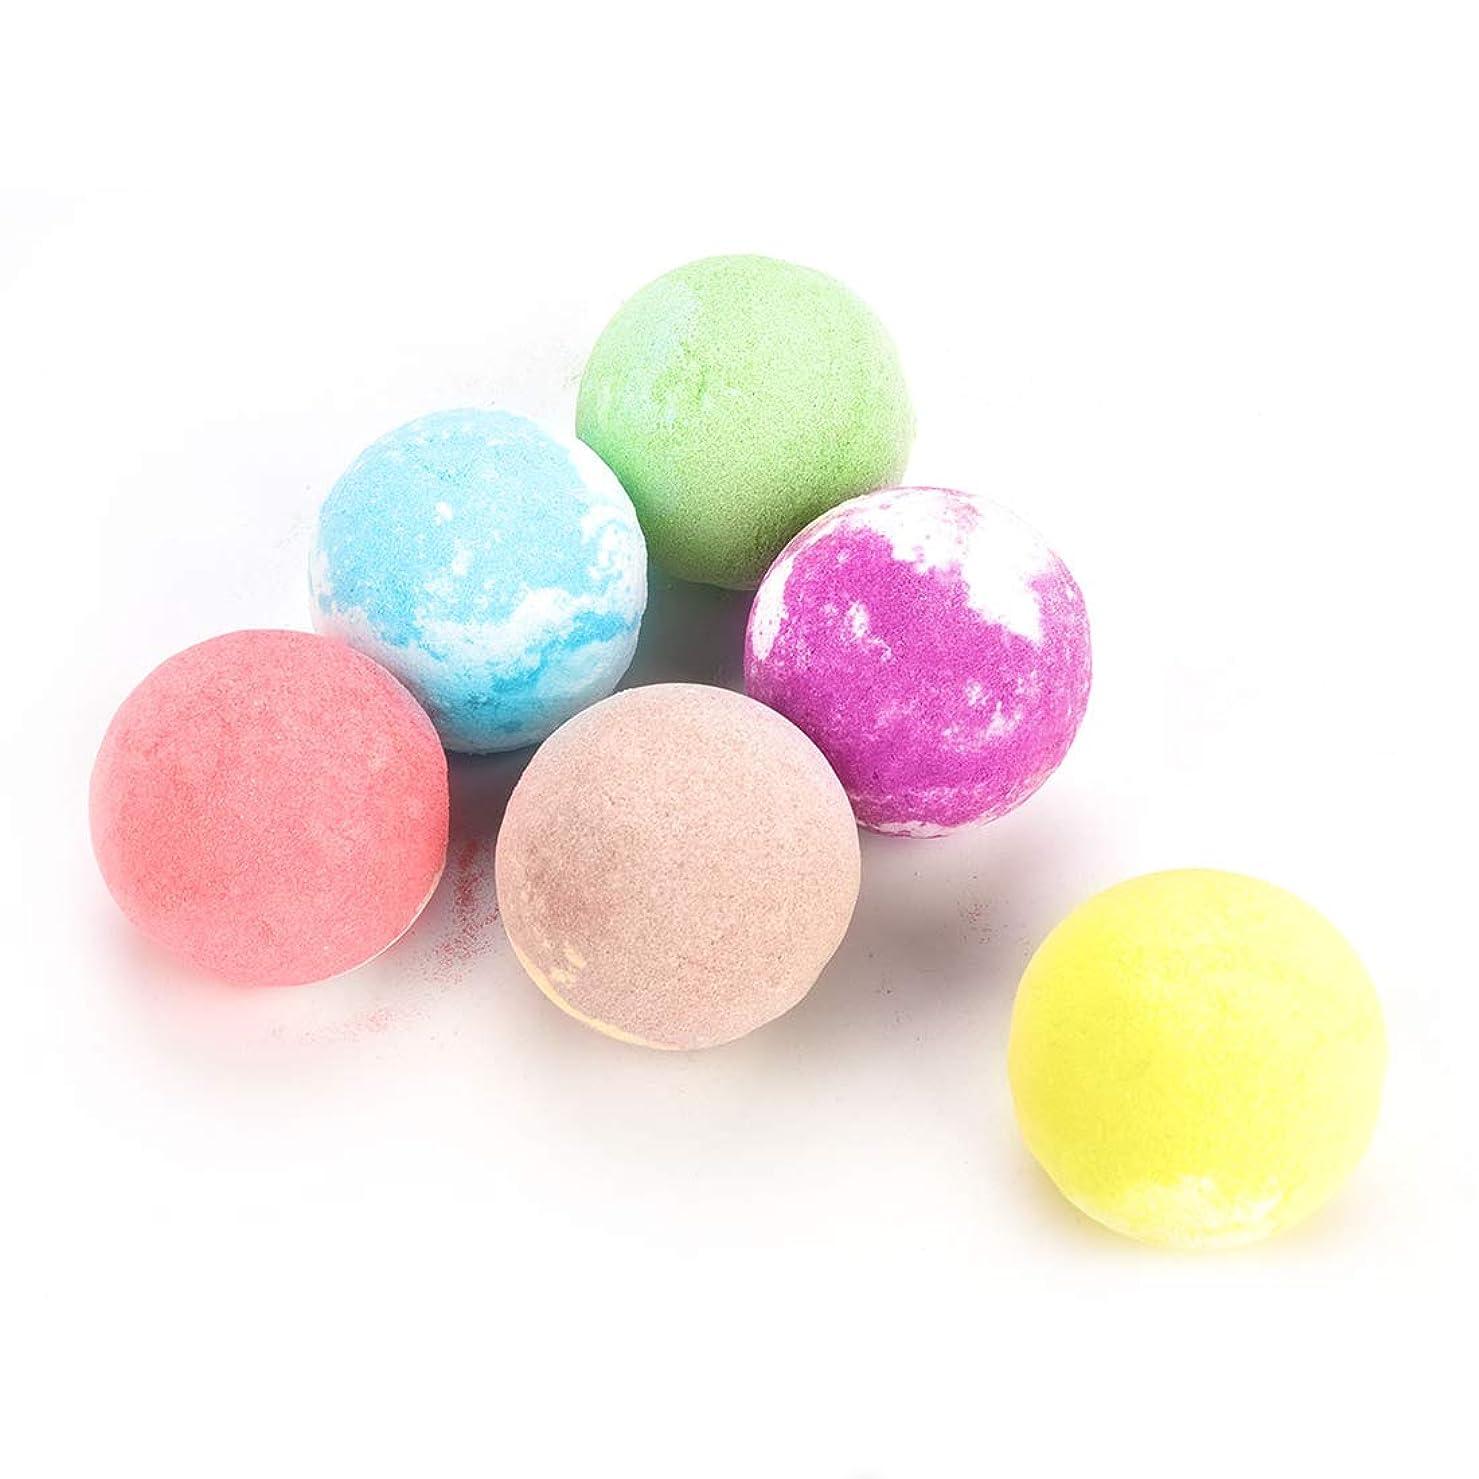 ファランクス過半数繁栄するバスボム 風呂爆弾 6個入り バス塩 入浴剤 バスボール セット 手作り ボディソープ バスケア プレゼント